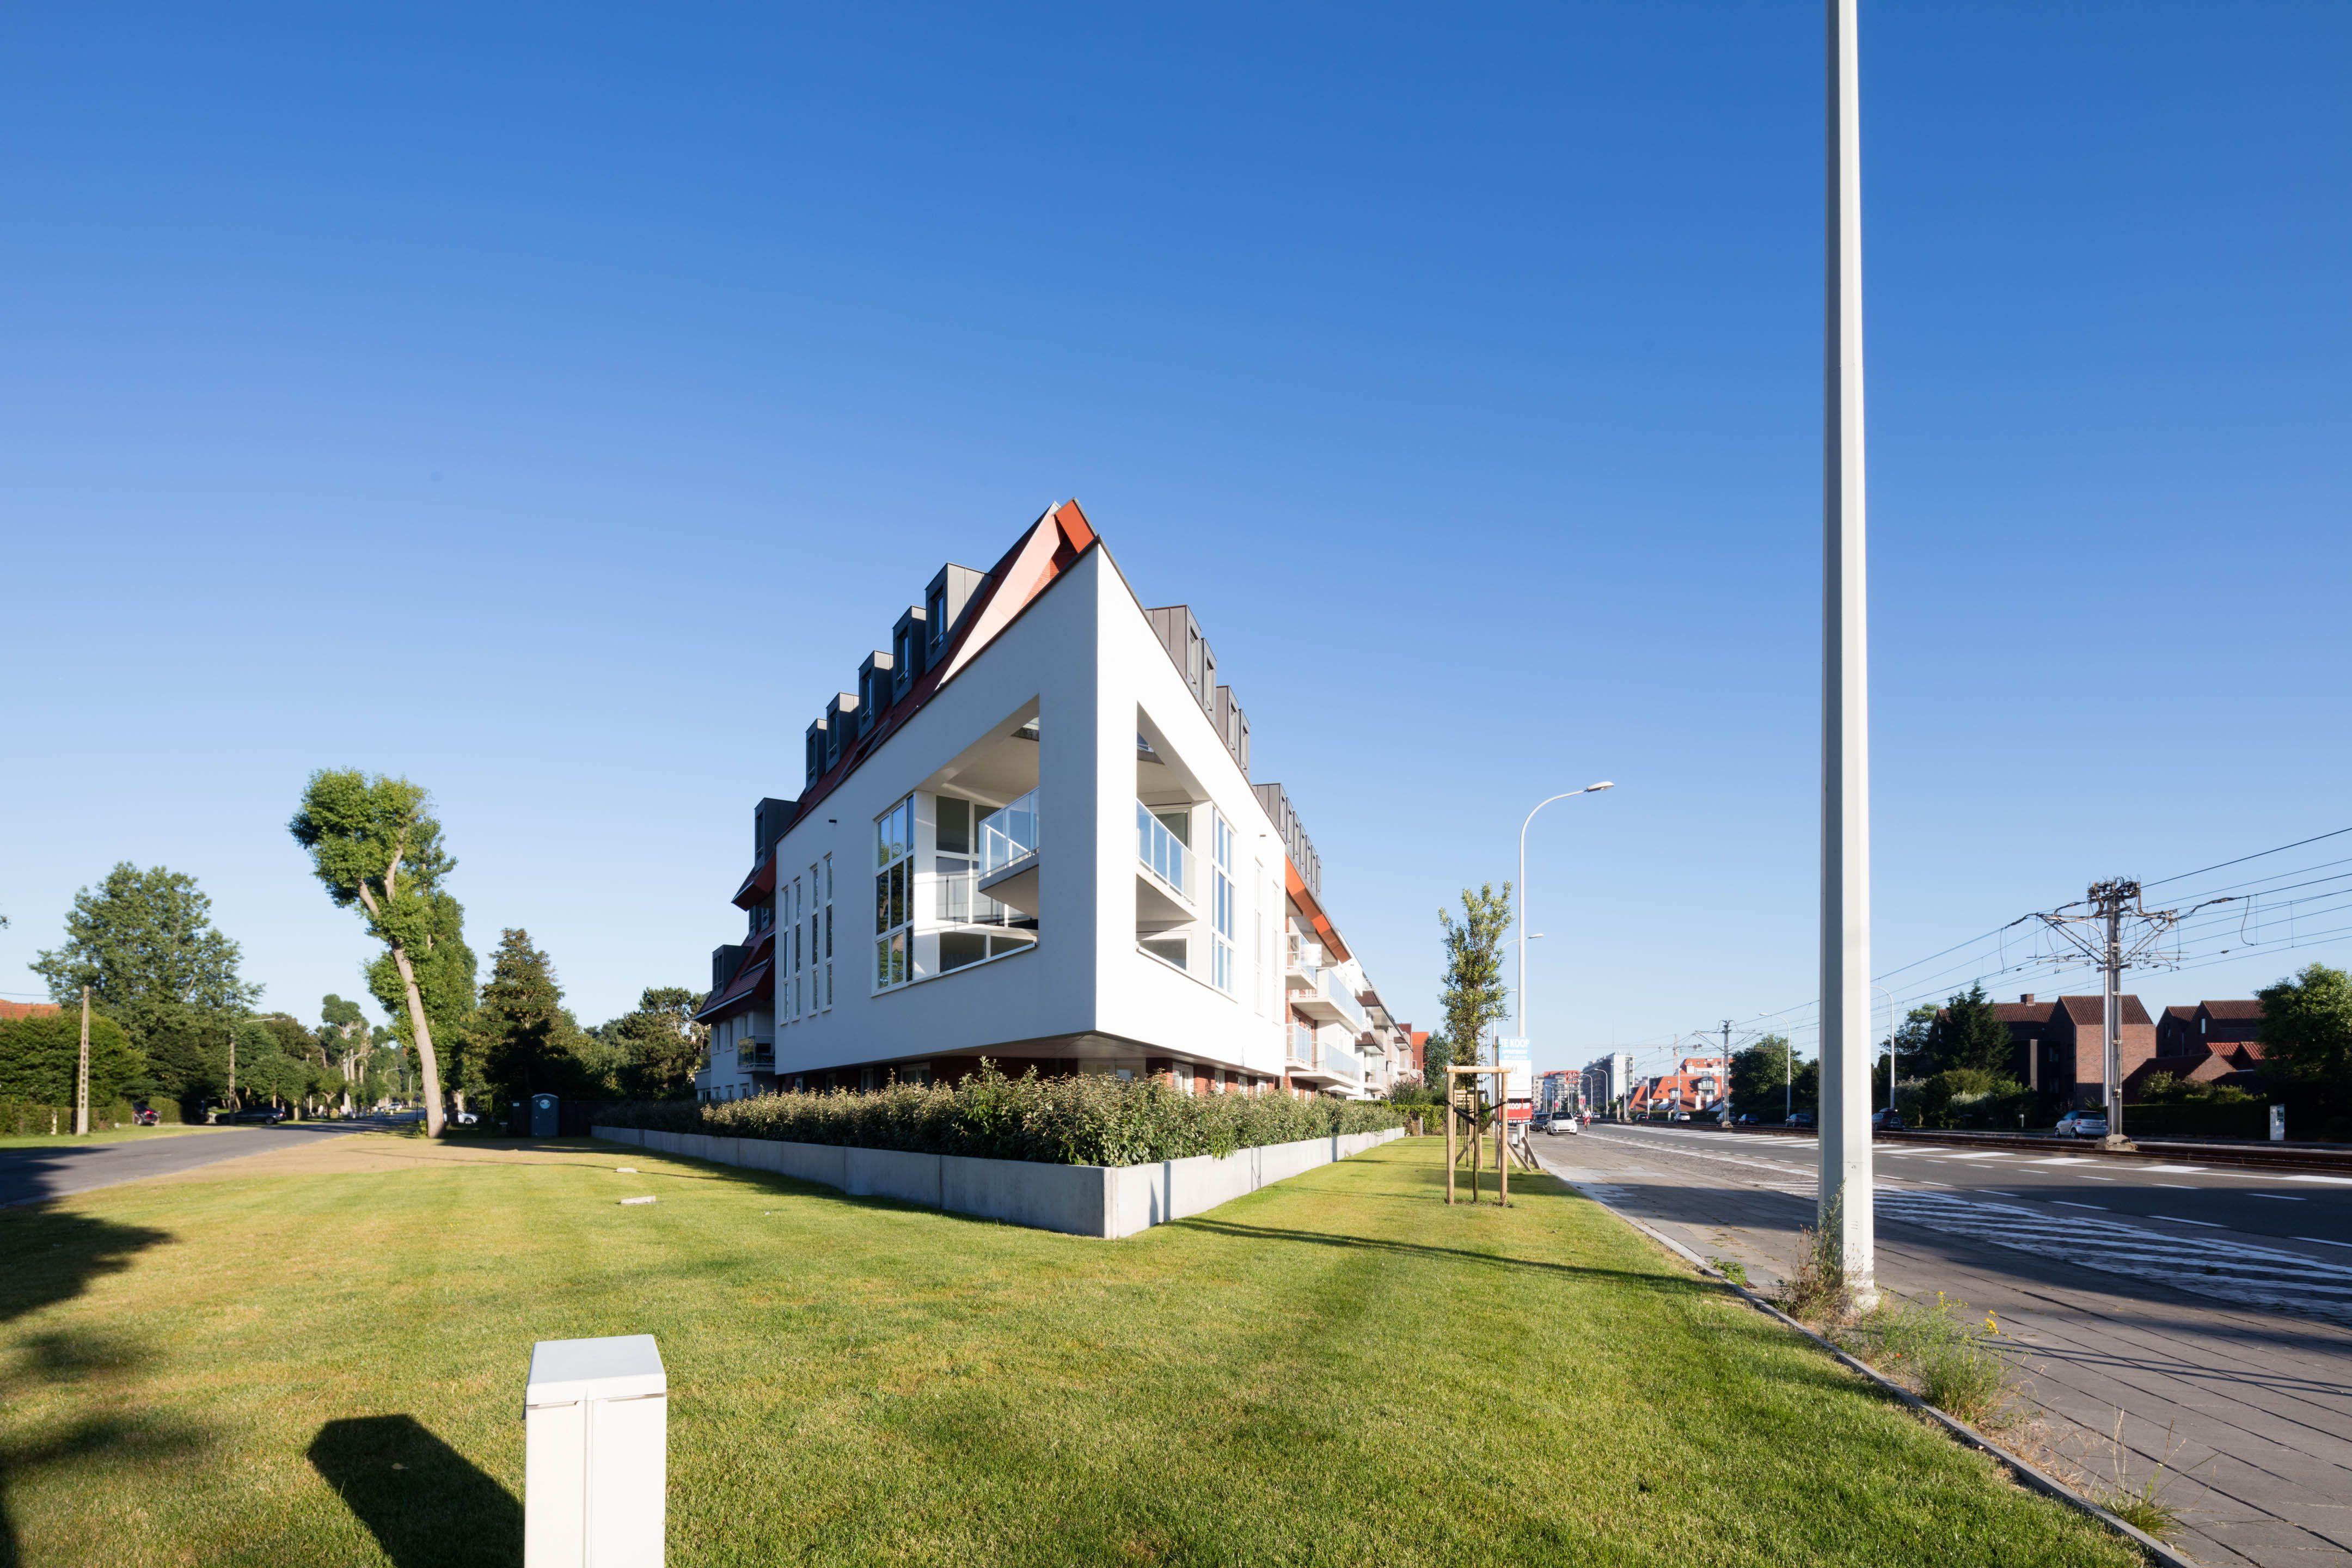 Appartement Residentie Villa Crombez Nieuwpoort - 9800